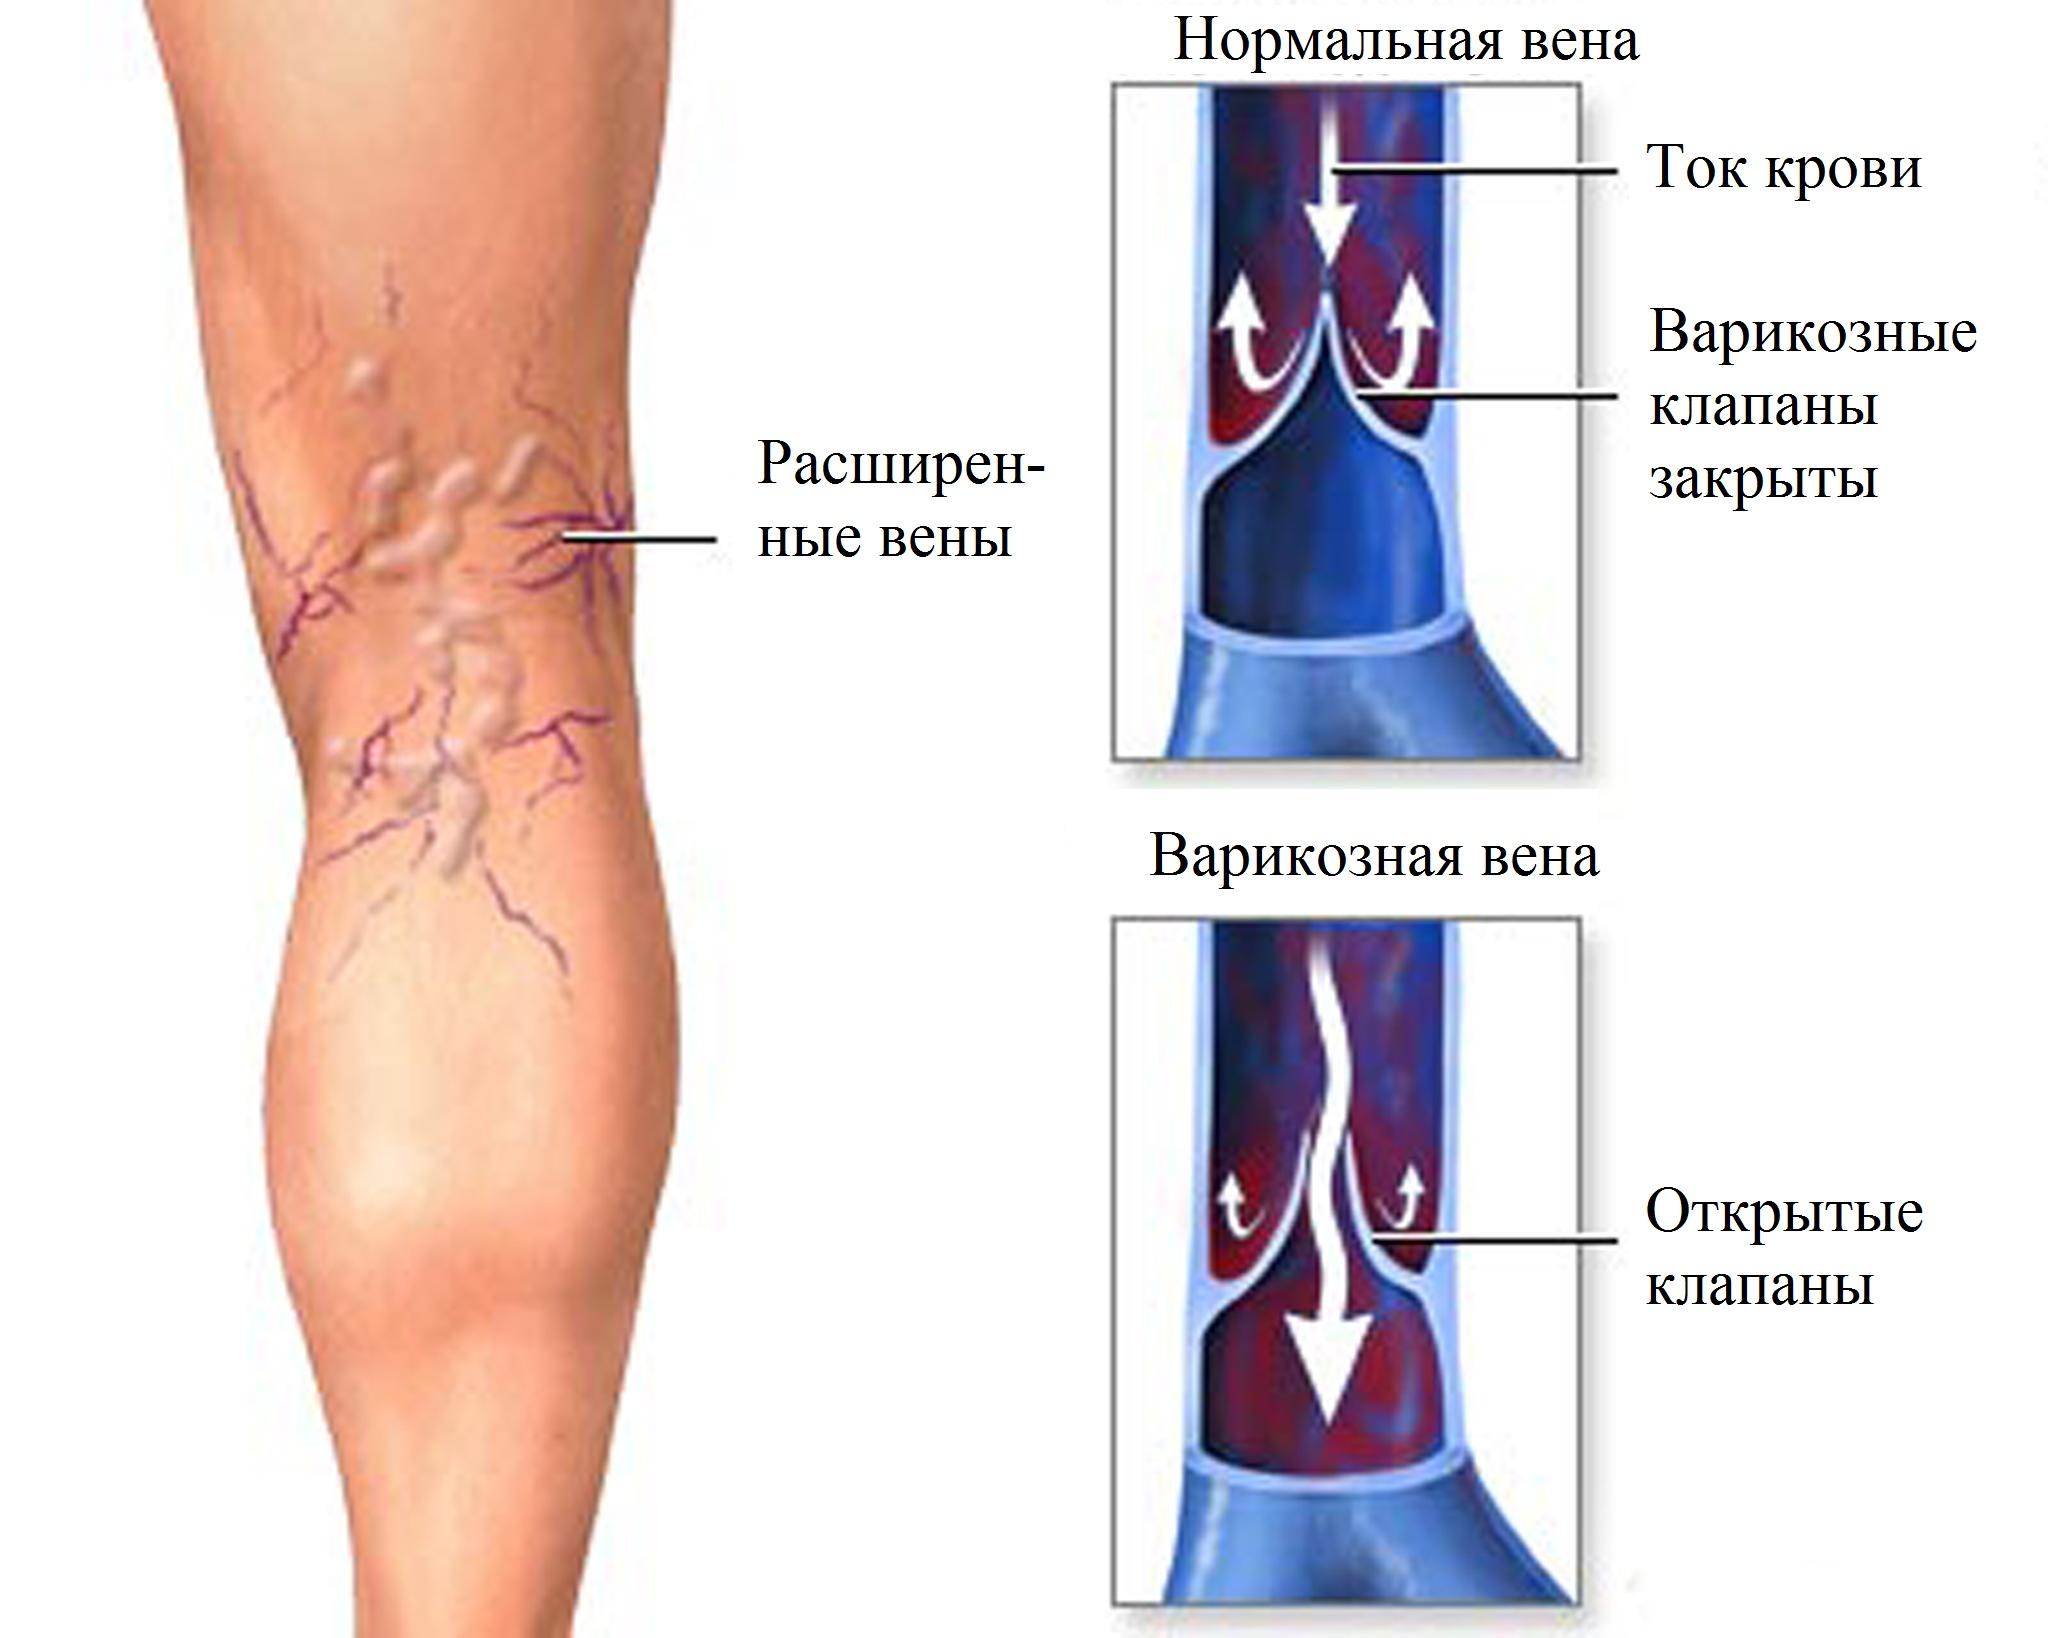 Варикозная болезнь и гормоны